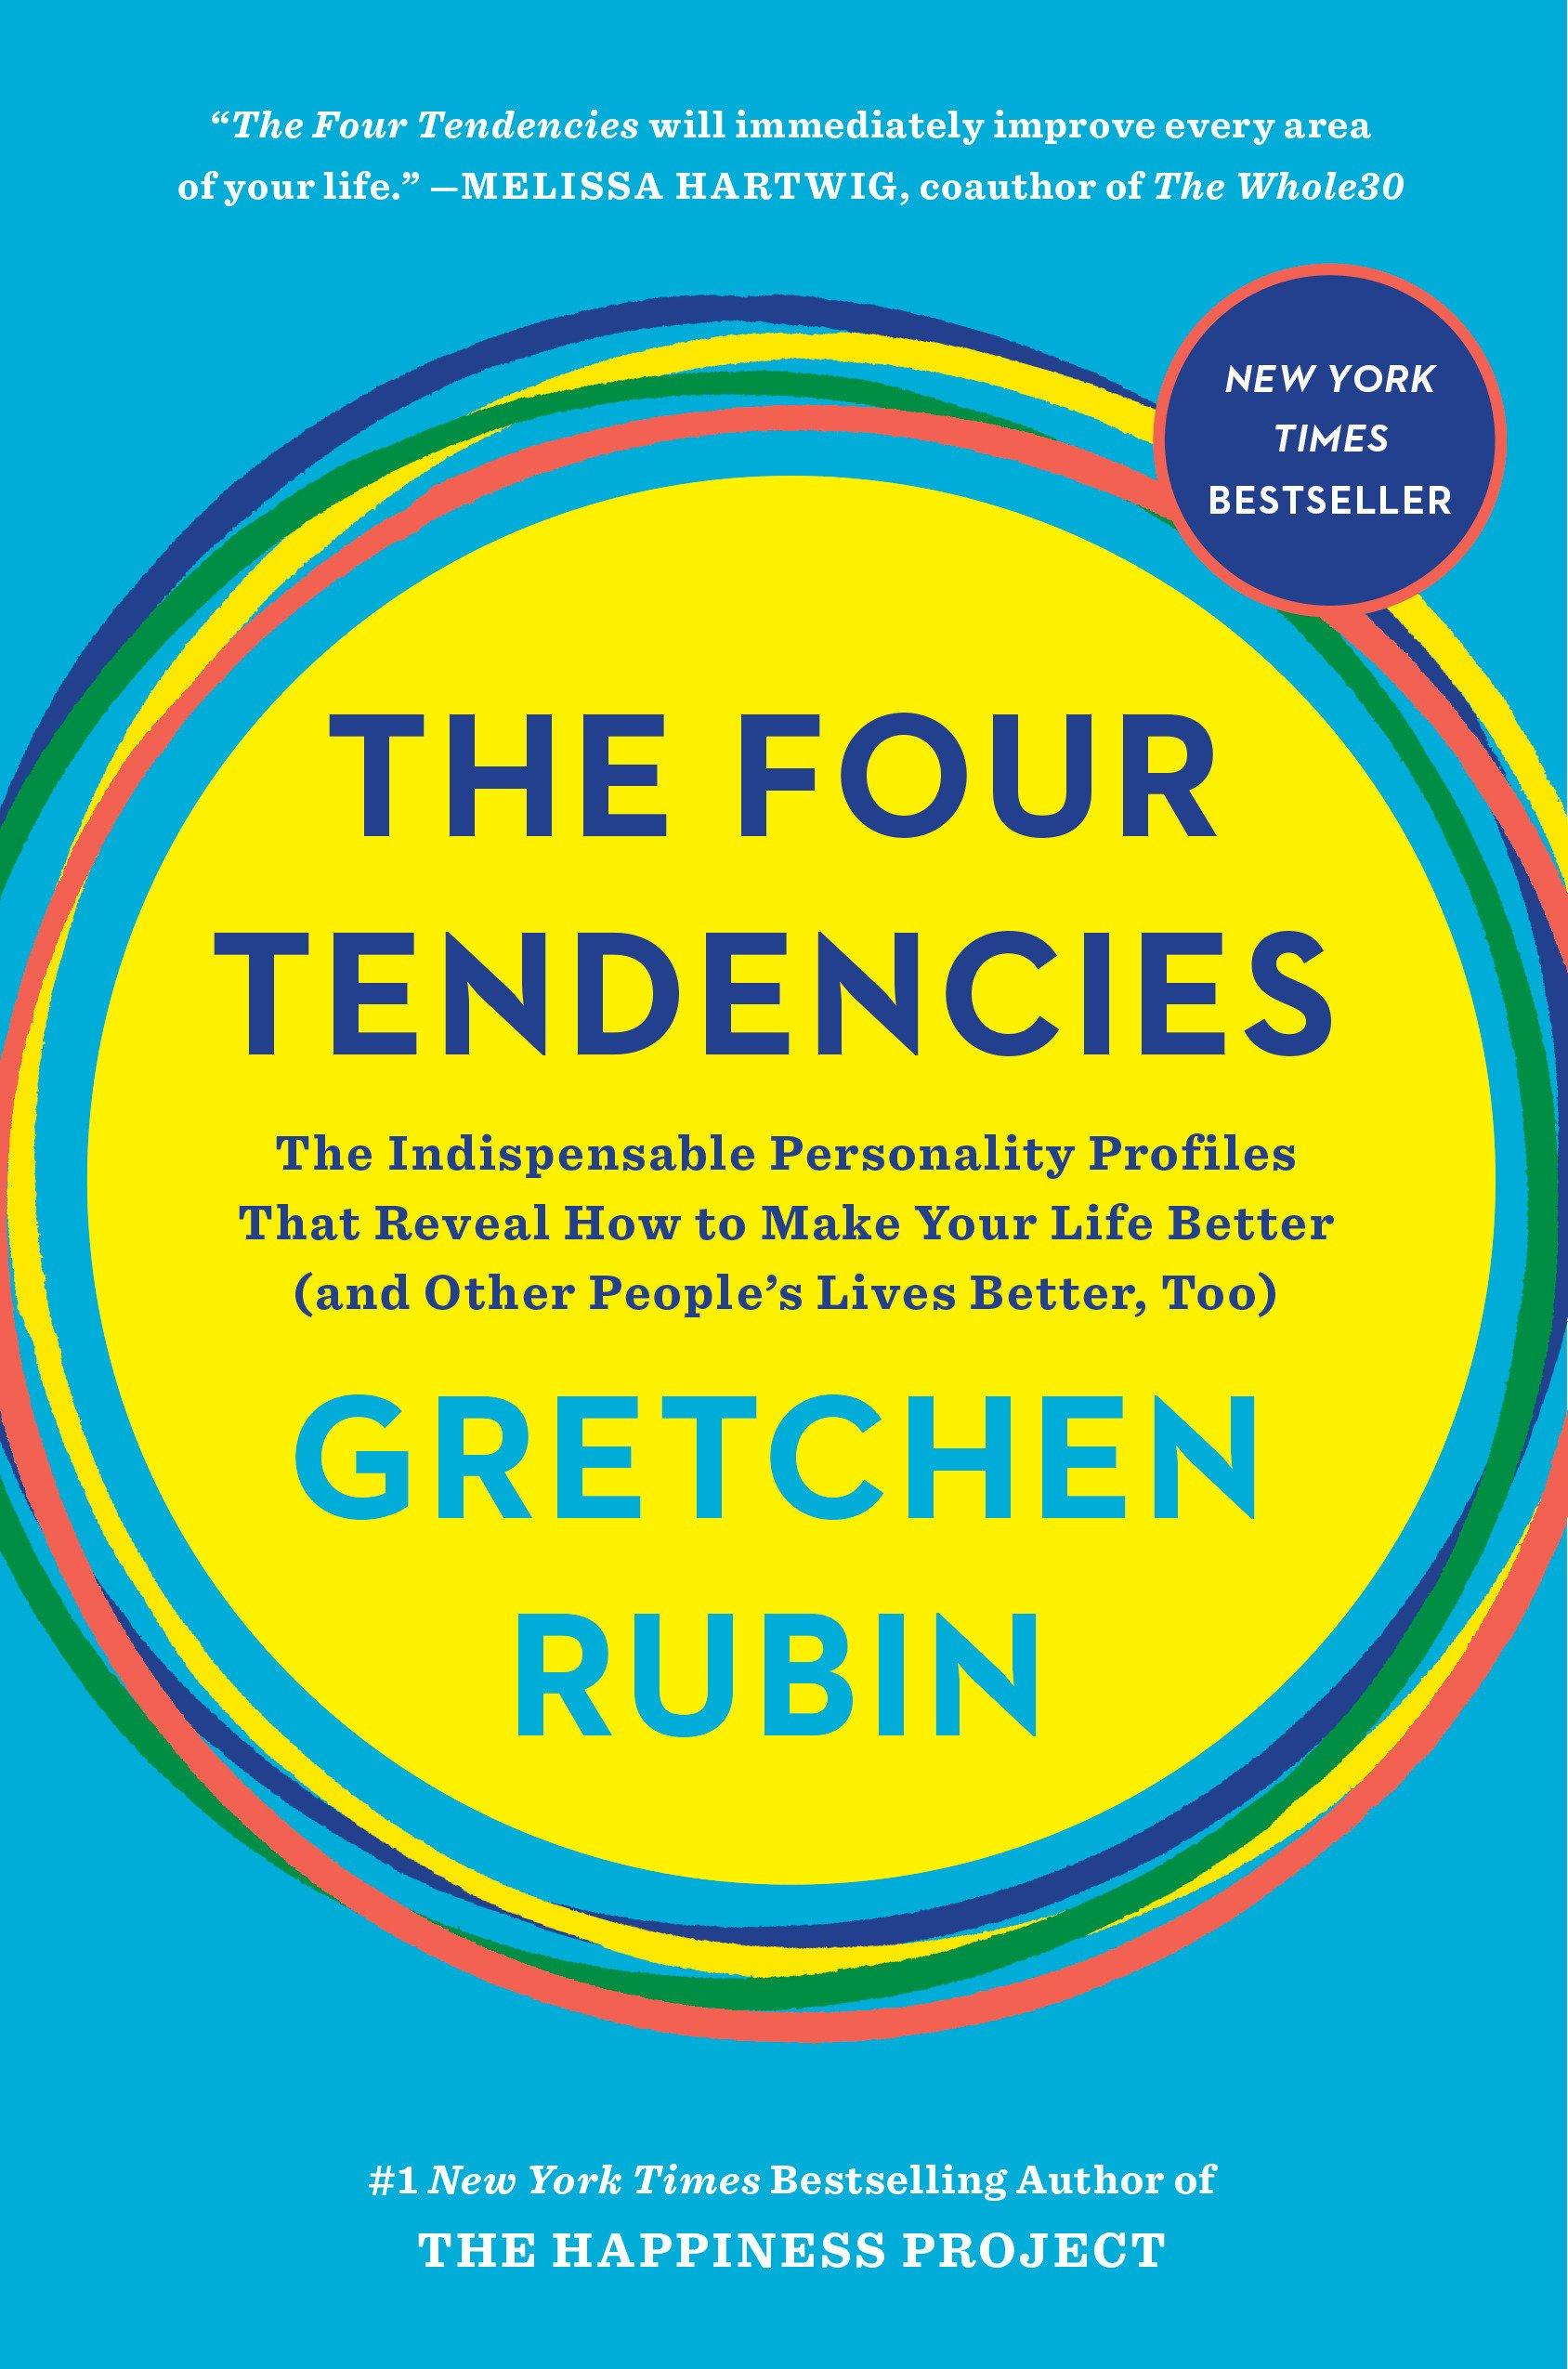 The four tendencies.jpg